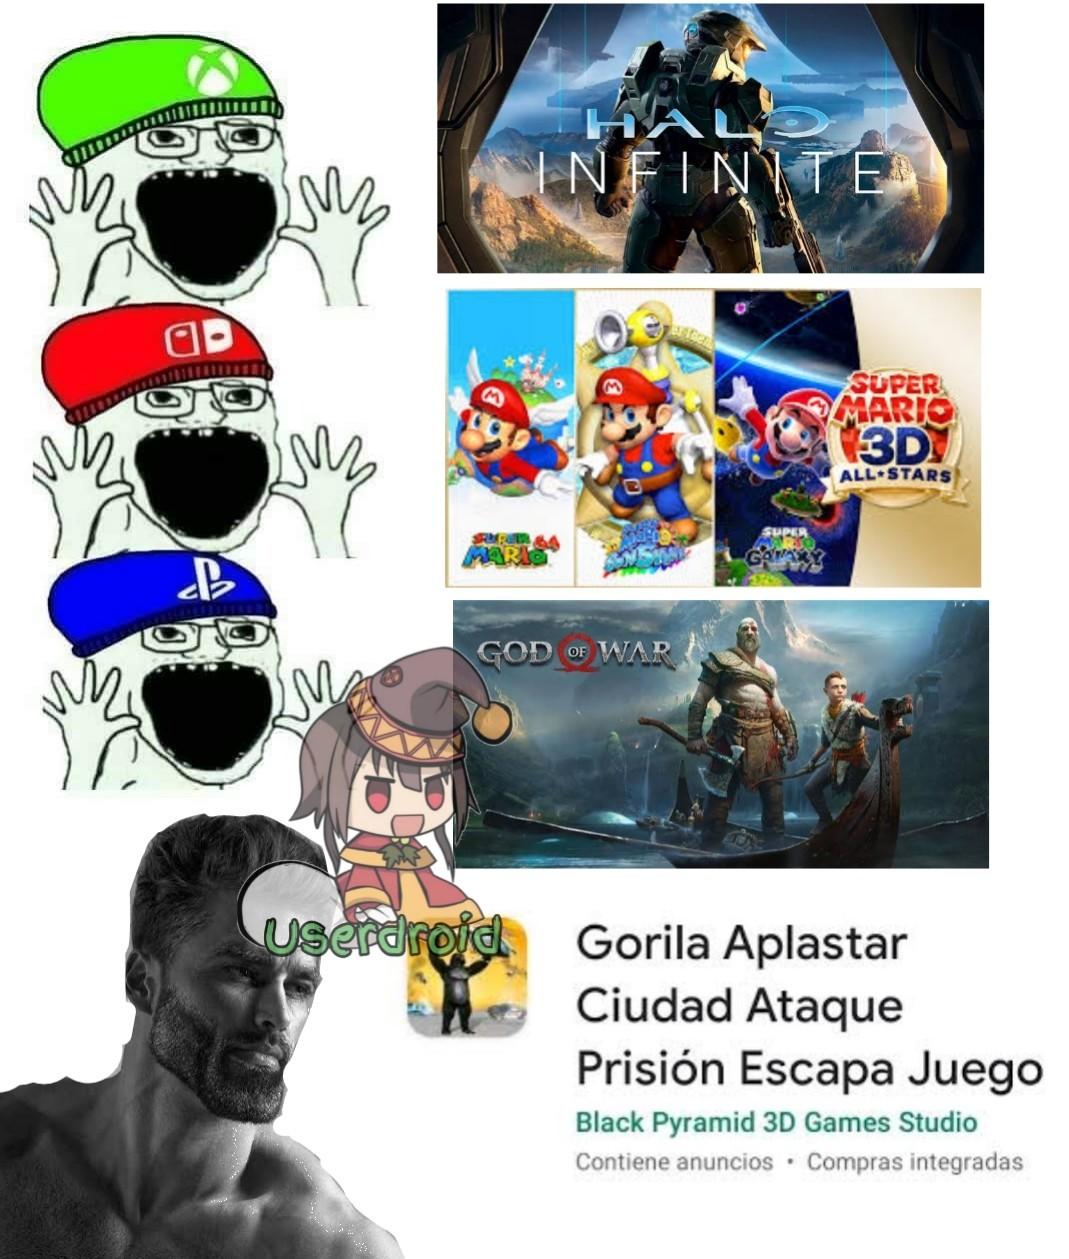 Gorila aplastar ciudad ataque prisión Escapa juego = gigachad - meme